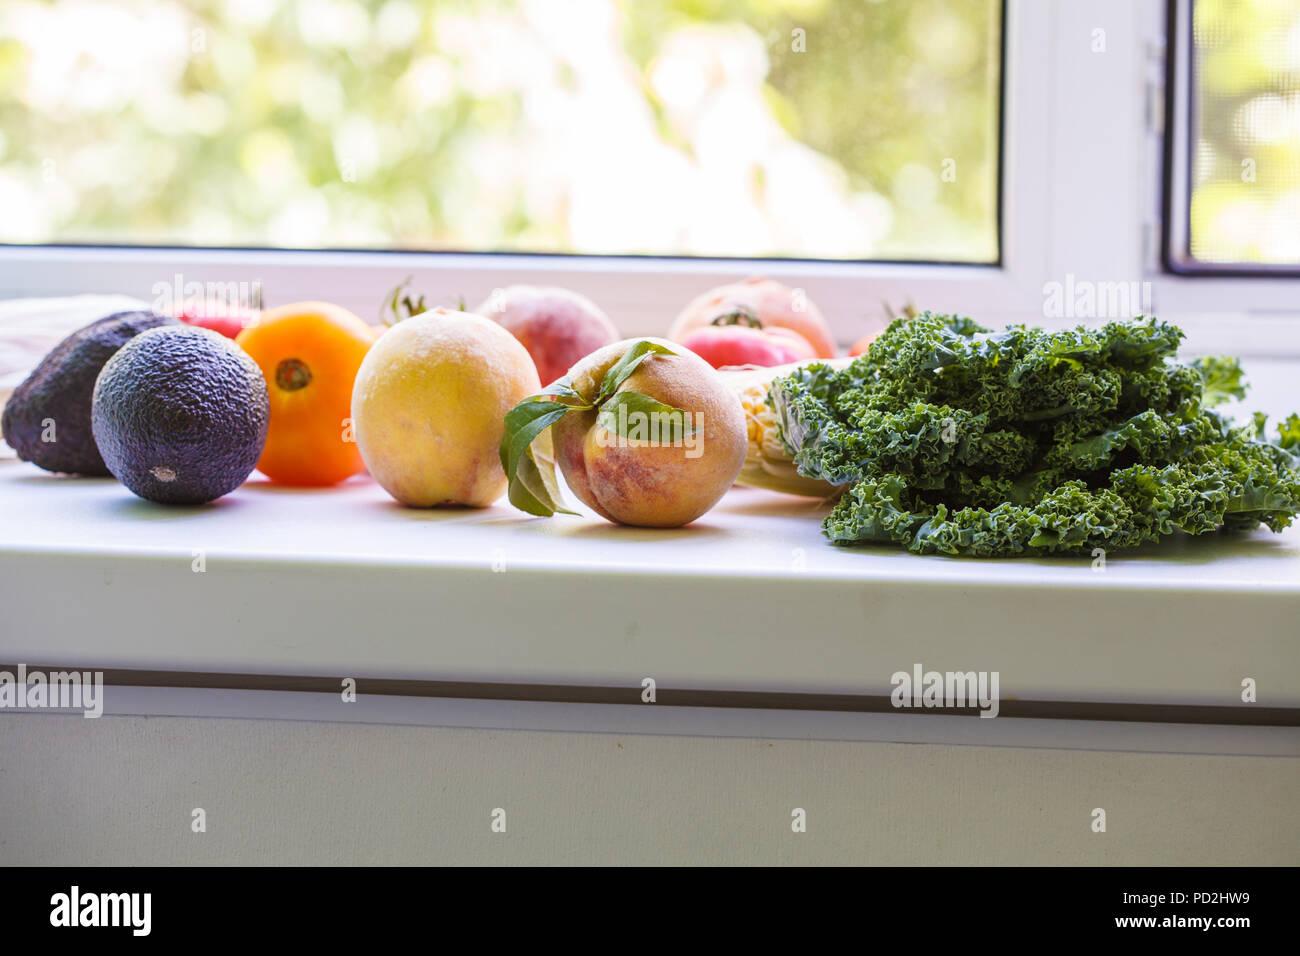 Saisonale Sommer Obst und Gemüse auf der Fensterbank. Gesunde, saubere Essen Konzept. Stockbild